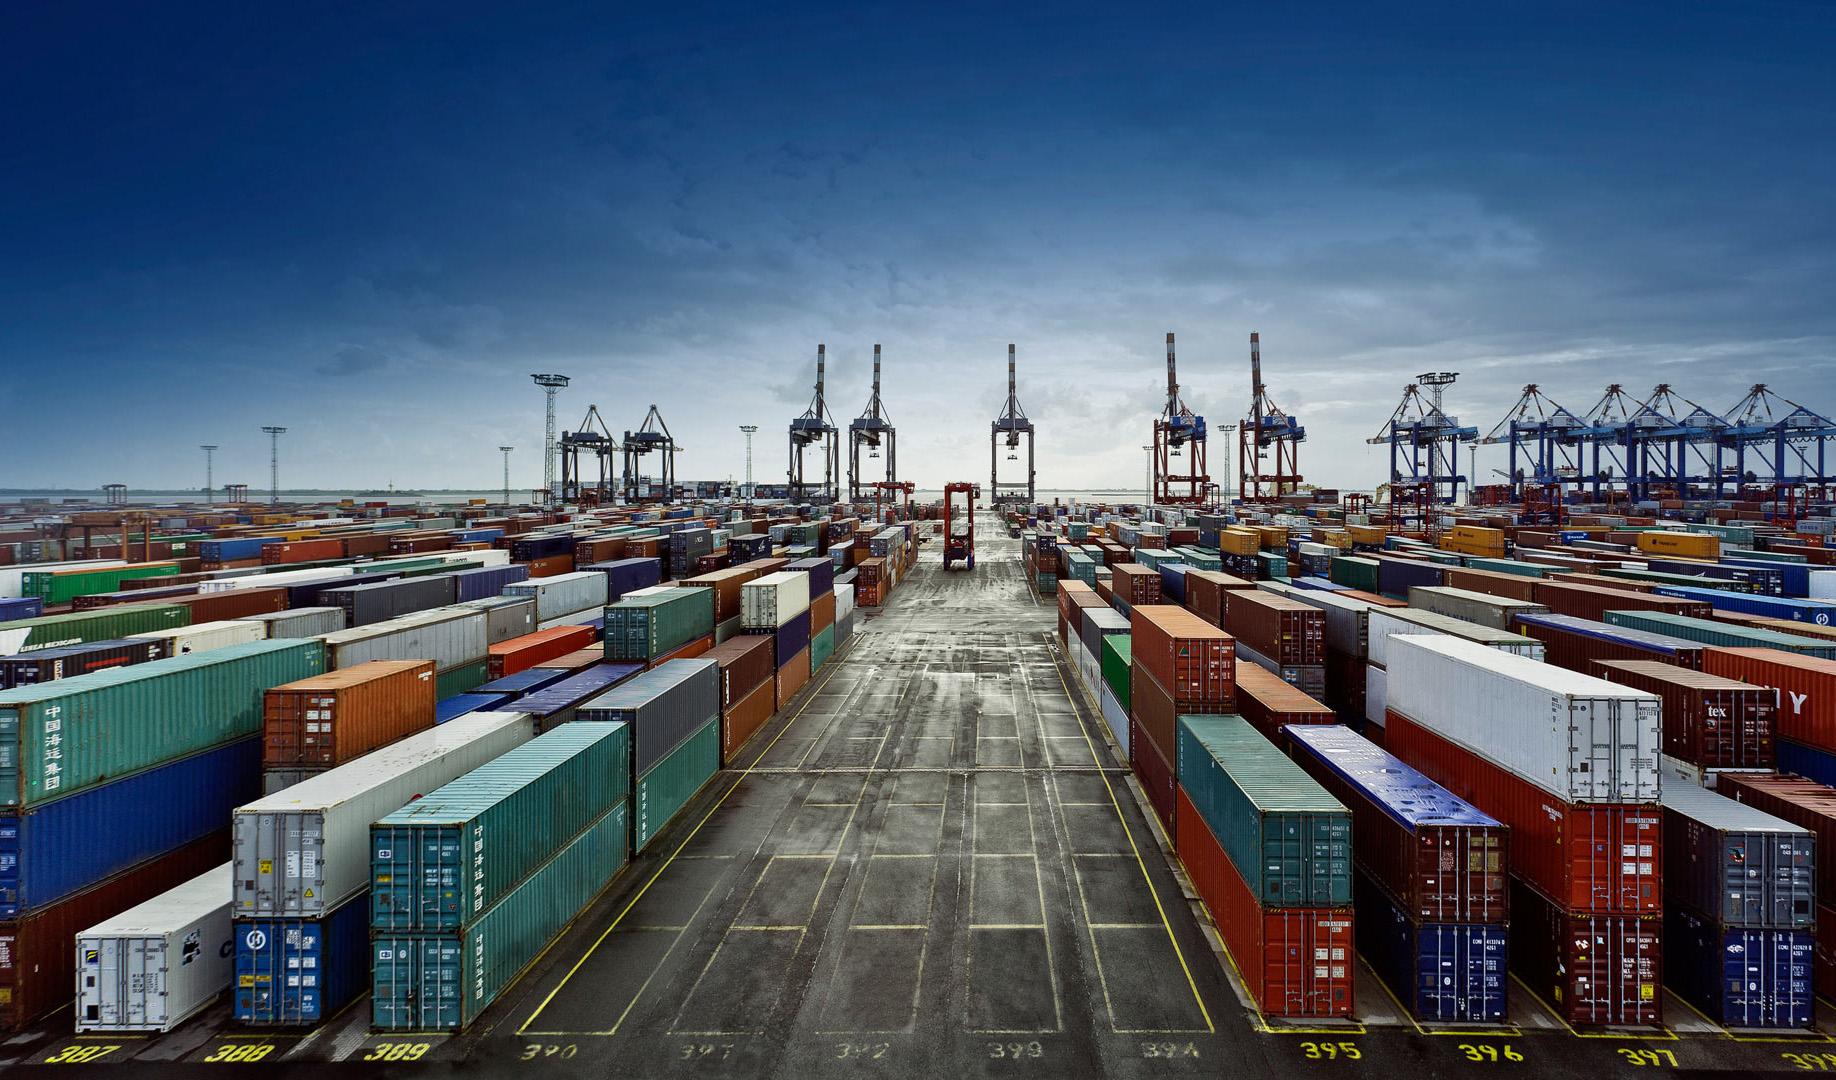 افزایش ۲۲٫۵ درصدی وزن صادرات کشور در ۶ ماه نخست سال ۹۸